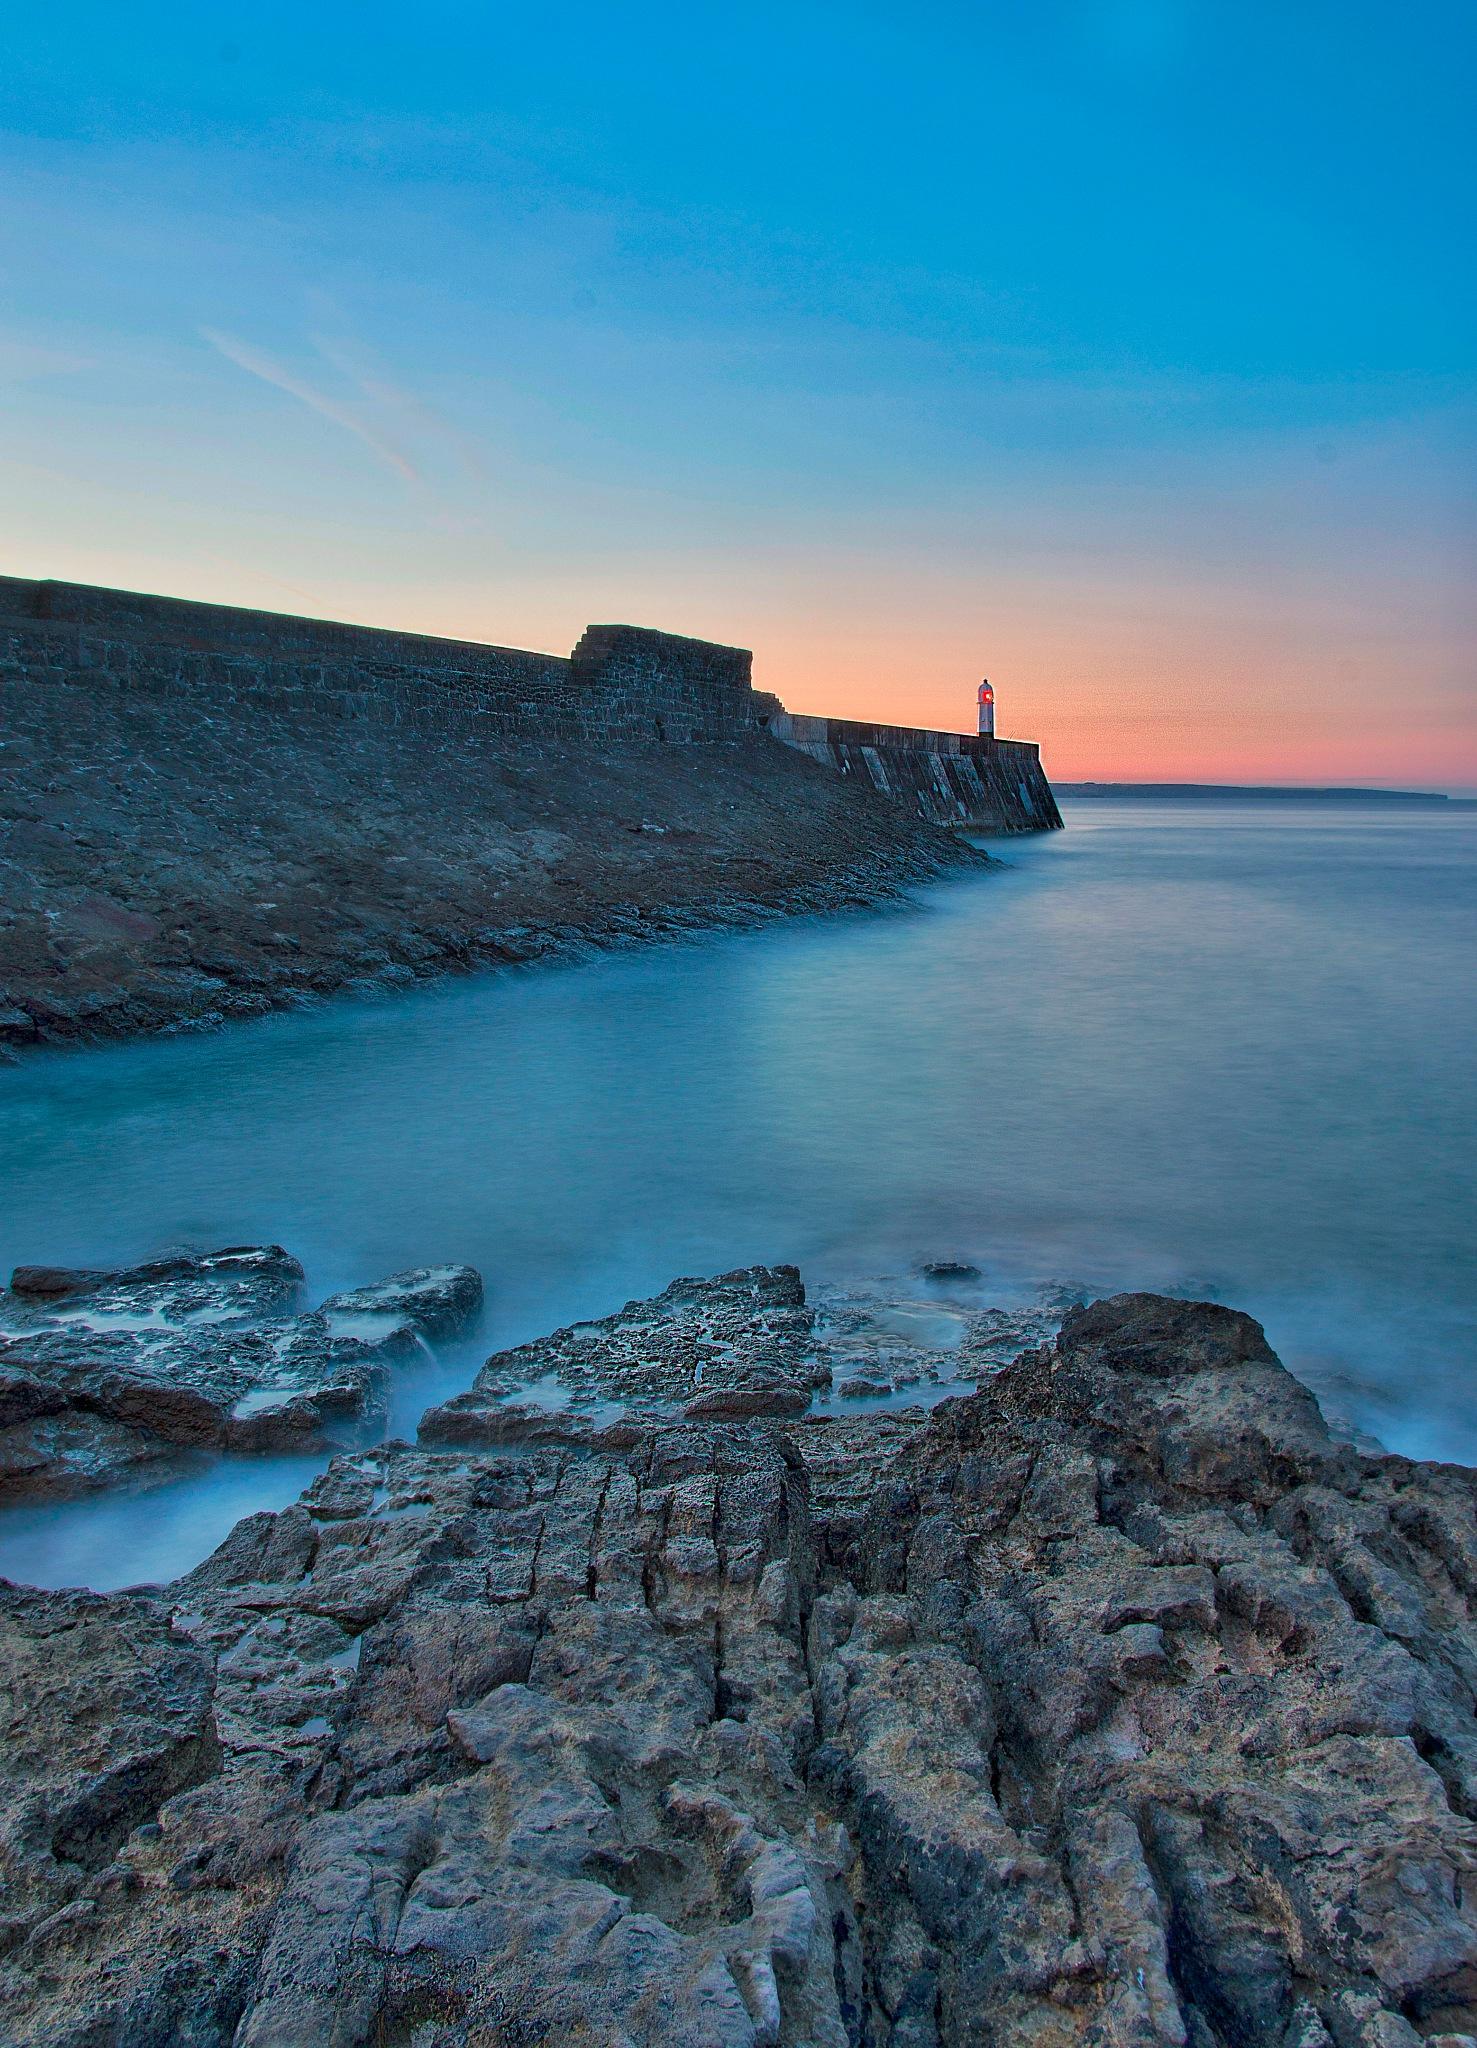 Dawn by bryan.ashford 52